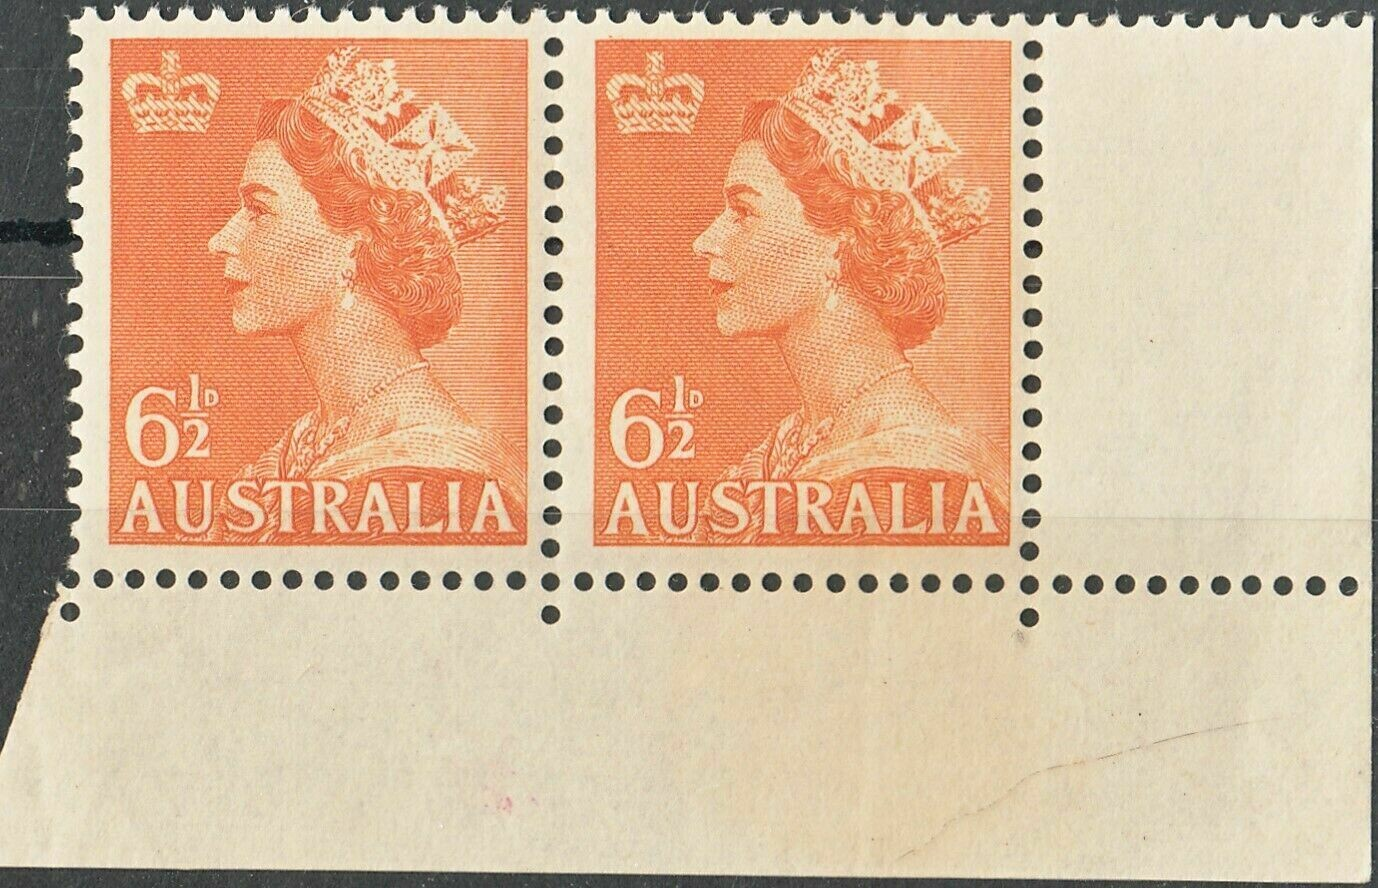 Australia 1956 QEII 6½d Orange No Watermark Marginal Pair MUH